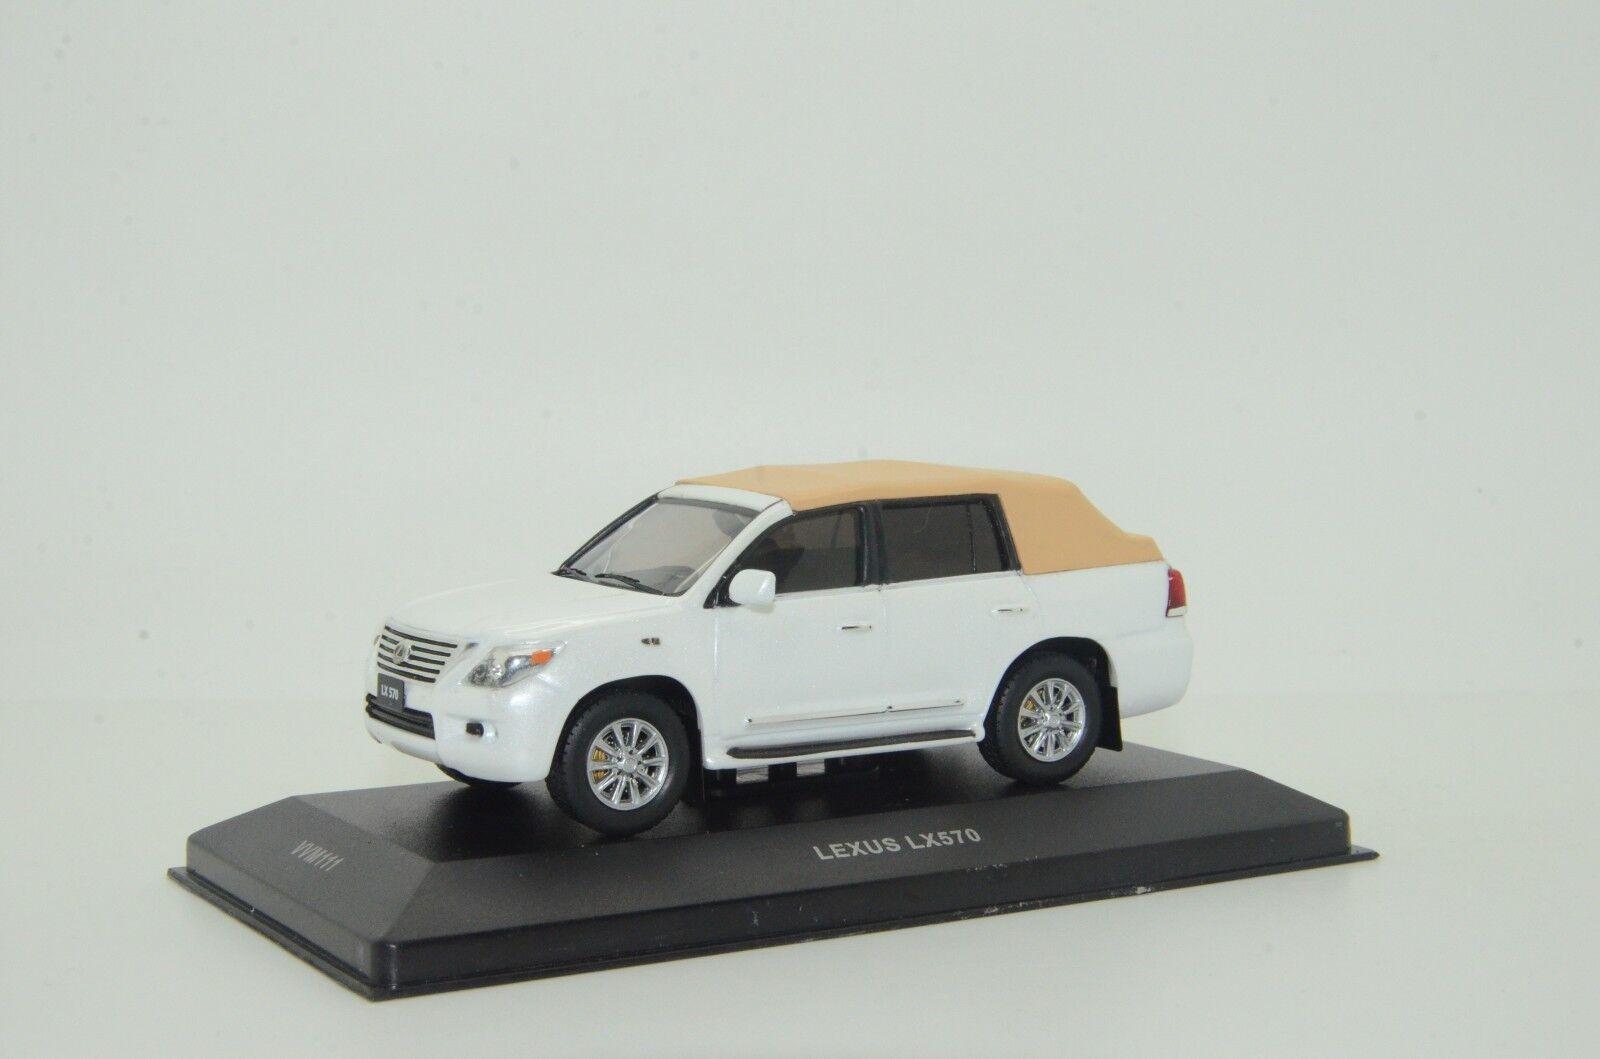 Raro LEXUS LX 570 Cabrio Hecho a Medida 1/43